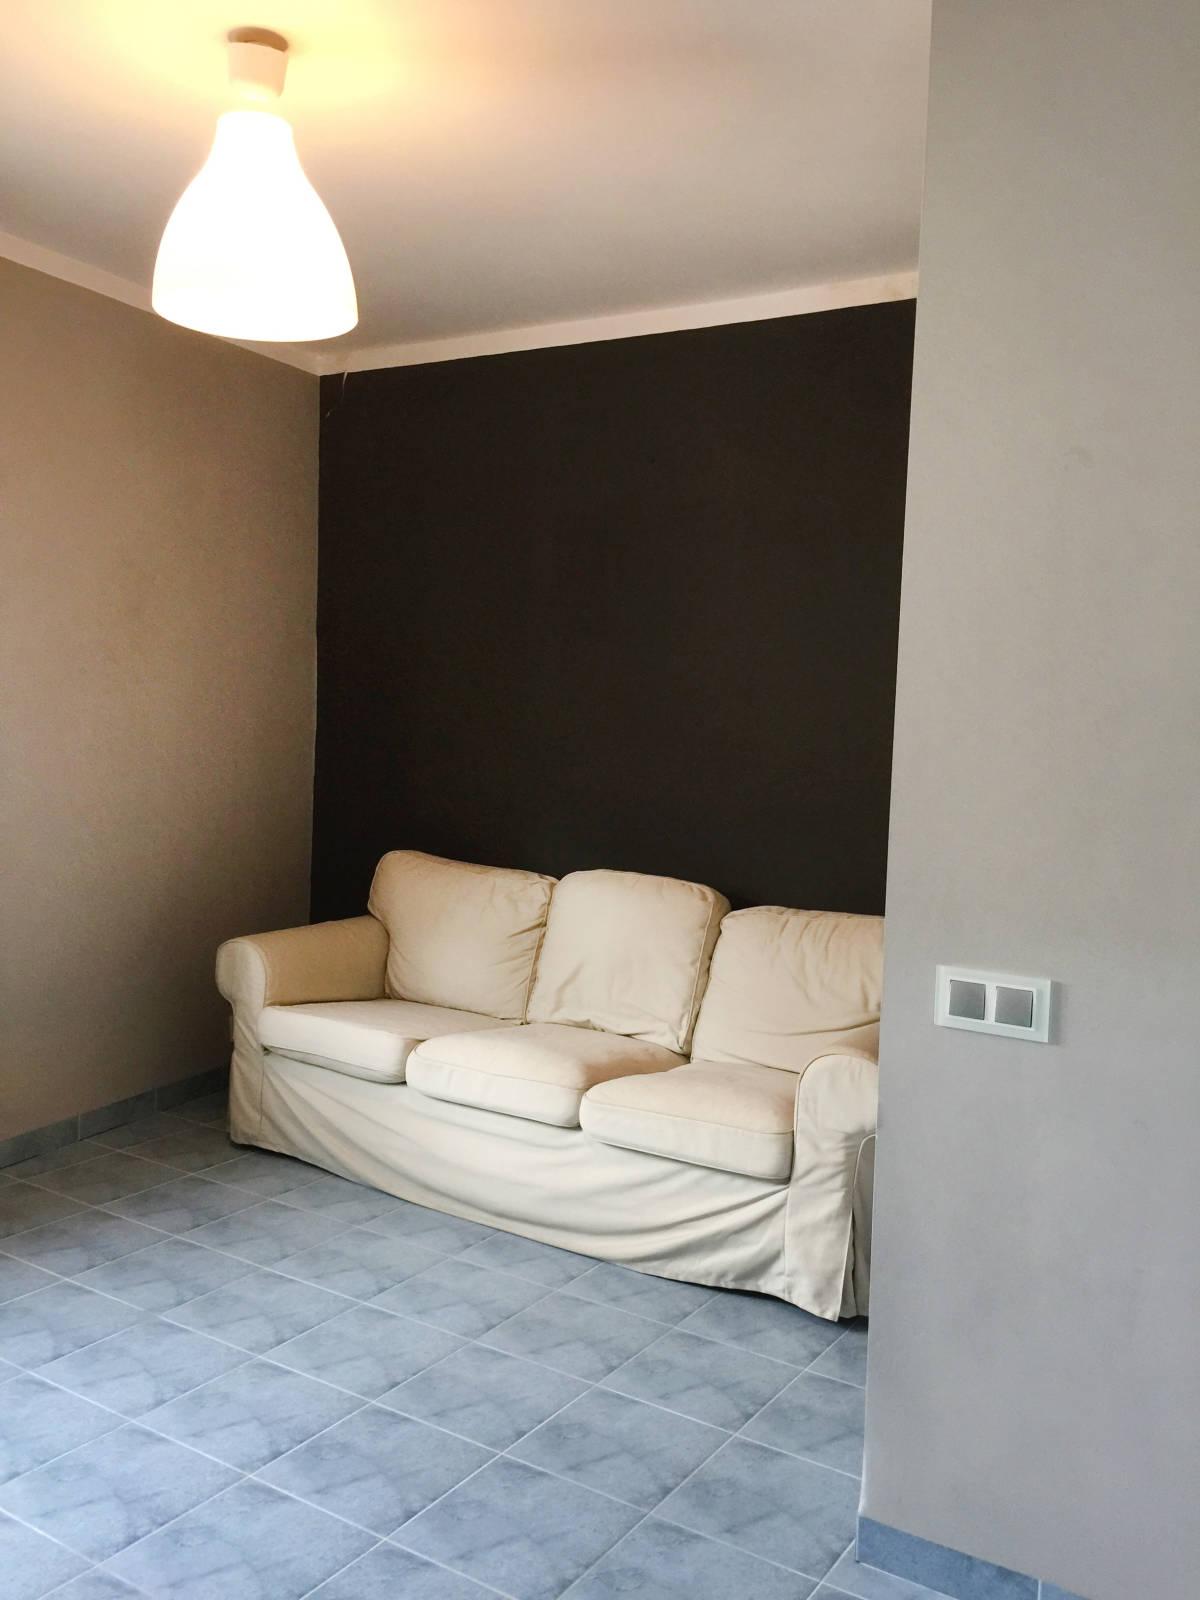 Foto 18 - Casa adosada en Reus con 3 pisos independientes